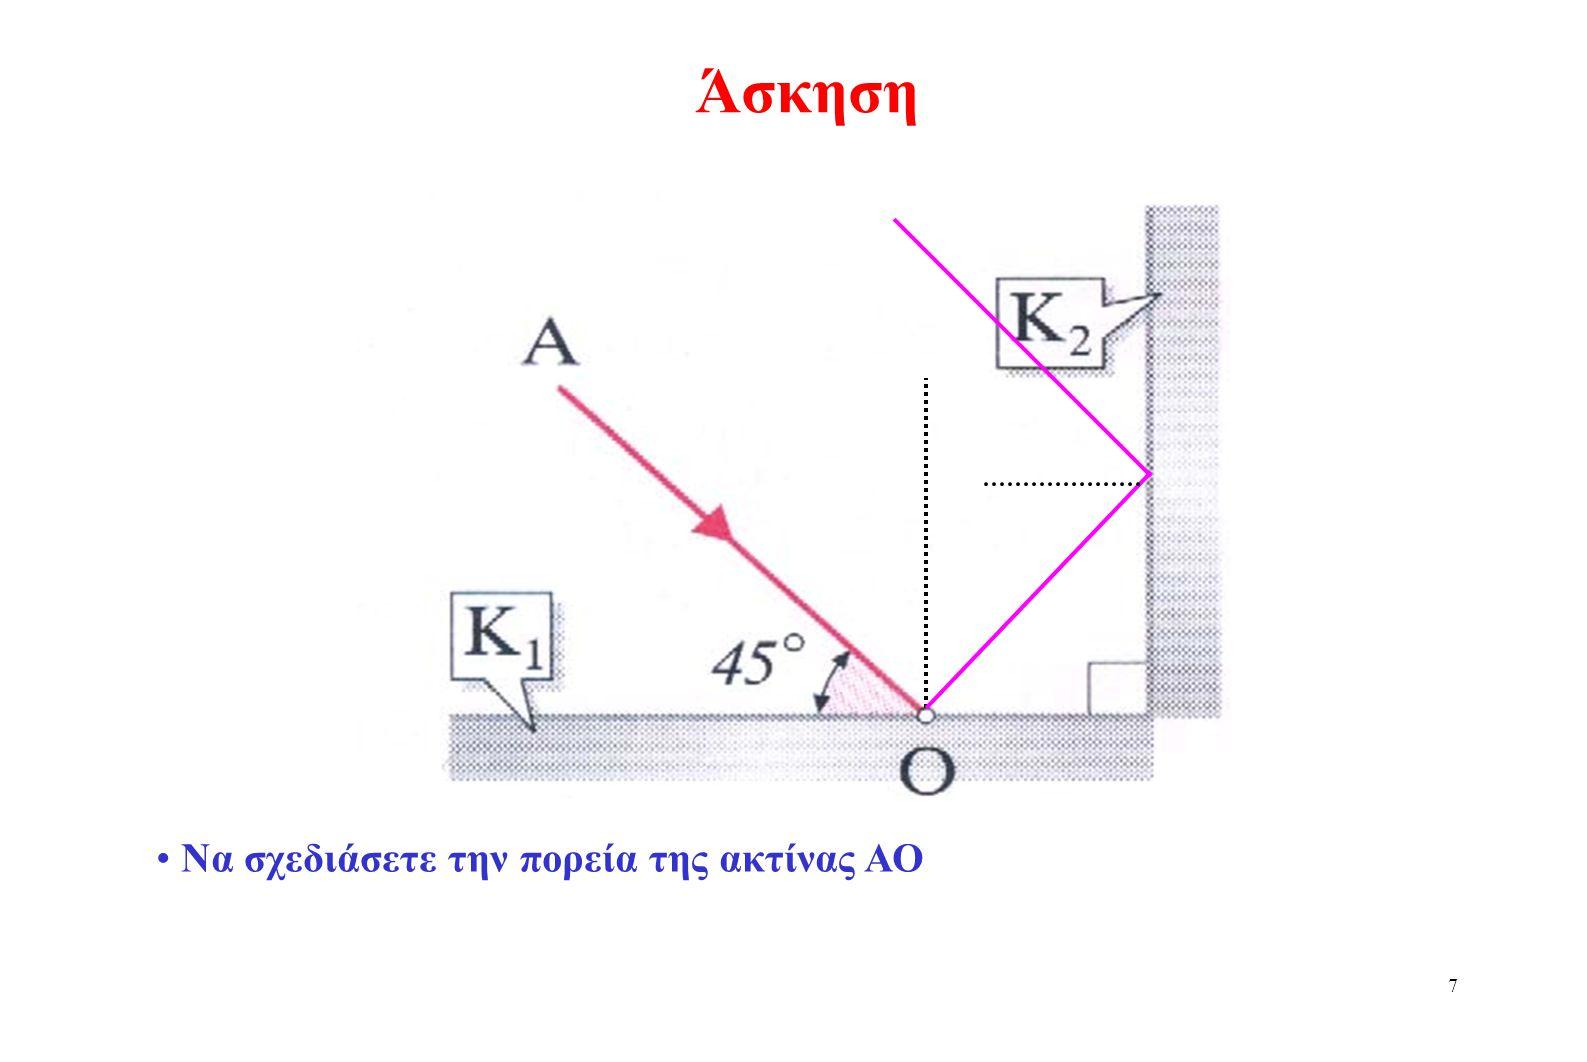 6 Άσκηση • Να βρεθούν οι γωνίες πρόσπτωσης και ανάκλασης •Να βρεθεί η γωνία ανάμεσα στην προέκταση της προσπίπτουσας και της ανακλώμενης (γωνία εκτροπ